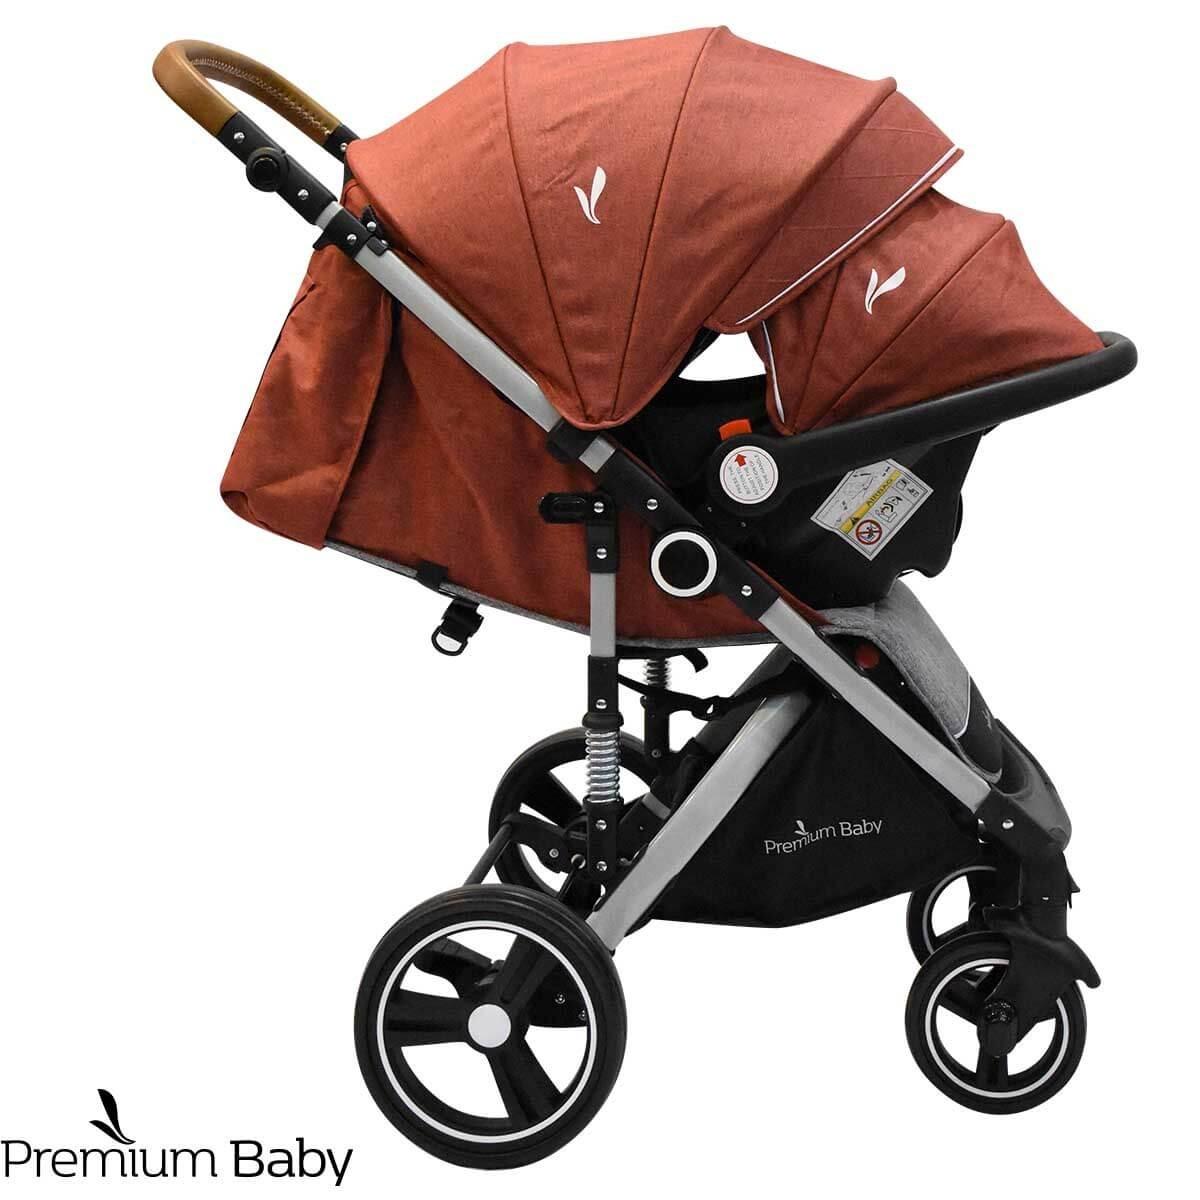 COCHECITO TRAVEL SYSTEM PREMIUM BABY TUTS PRO